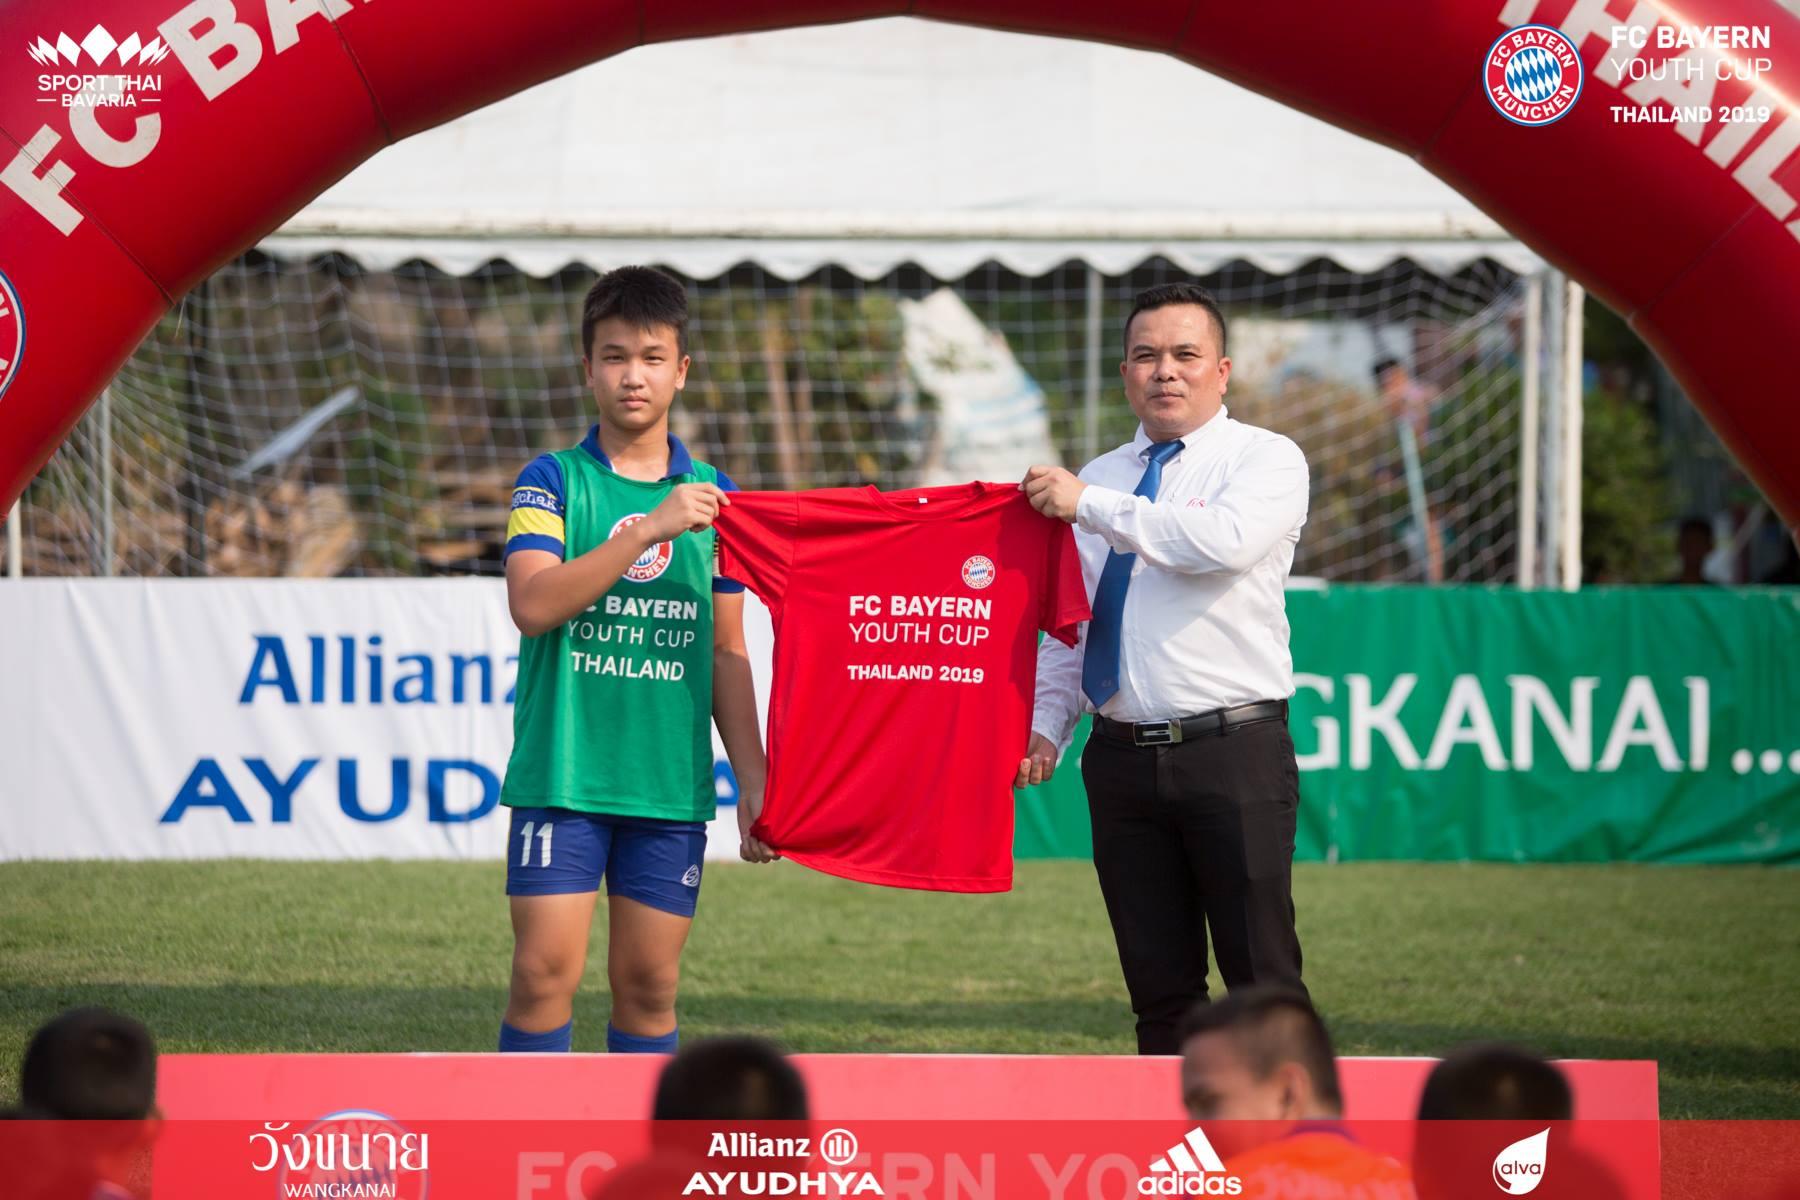 จบไปแล้วกับผลการแข่งขันรอบคัดเลือกโครงการ FC Bayern Youth Cup 2019 ที่จังหวัดขอนแก่น